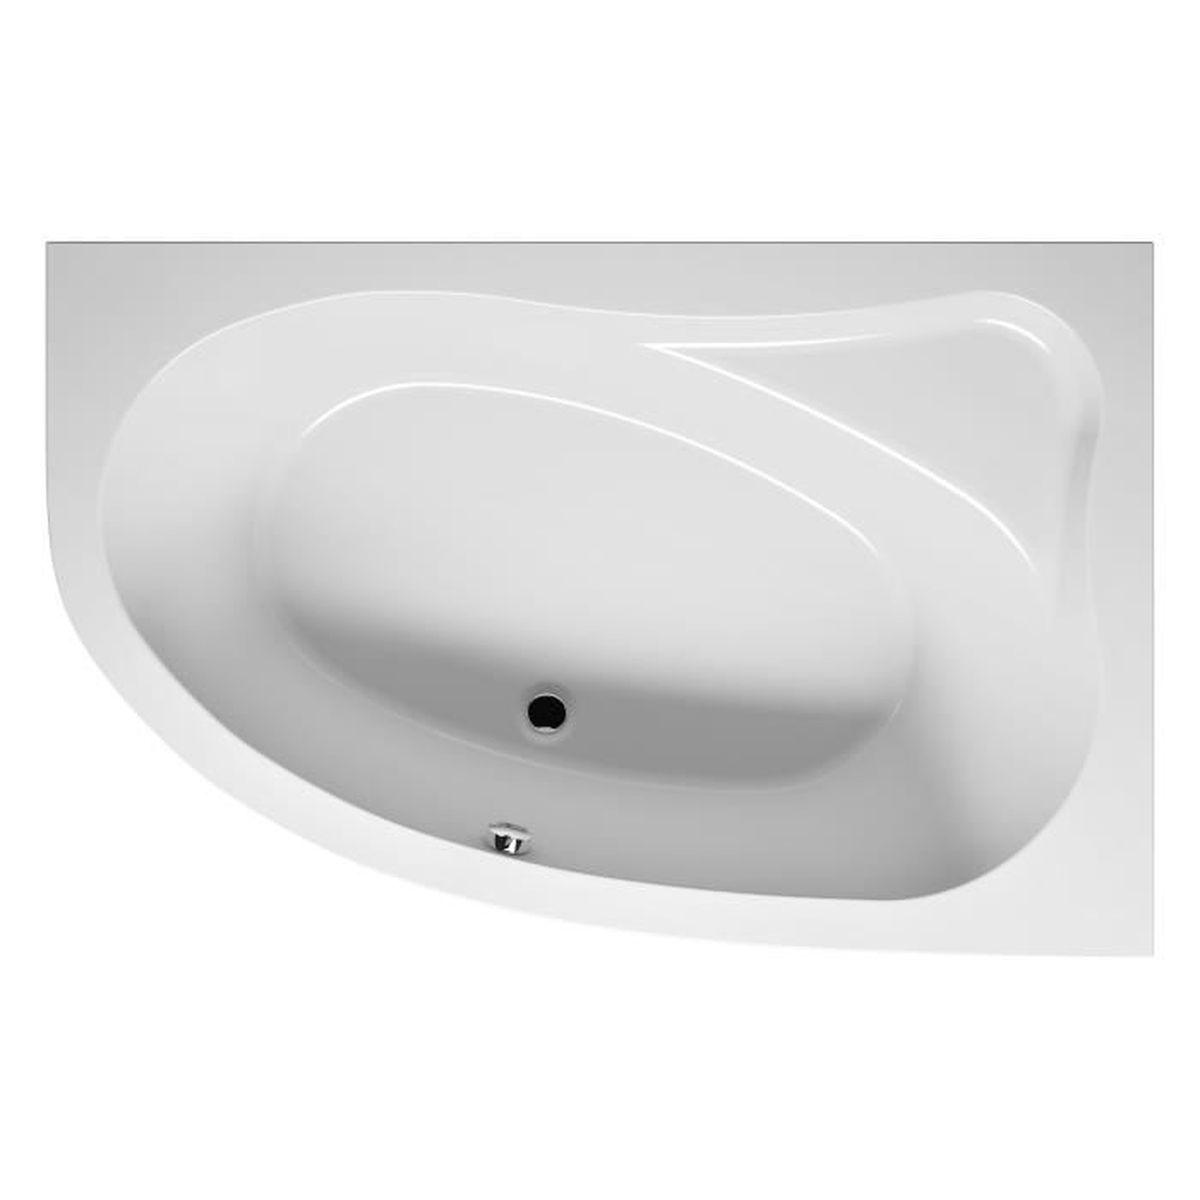 Baignoire acrylique riho d 39 angle gauche lyra 140x90 cm achat vente ba - Marque baignoire balneo ...